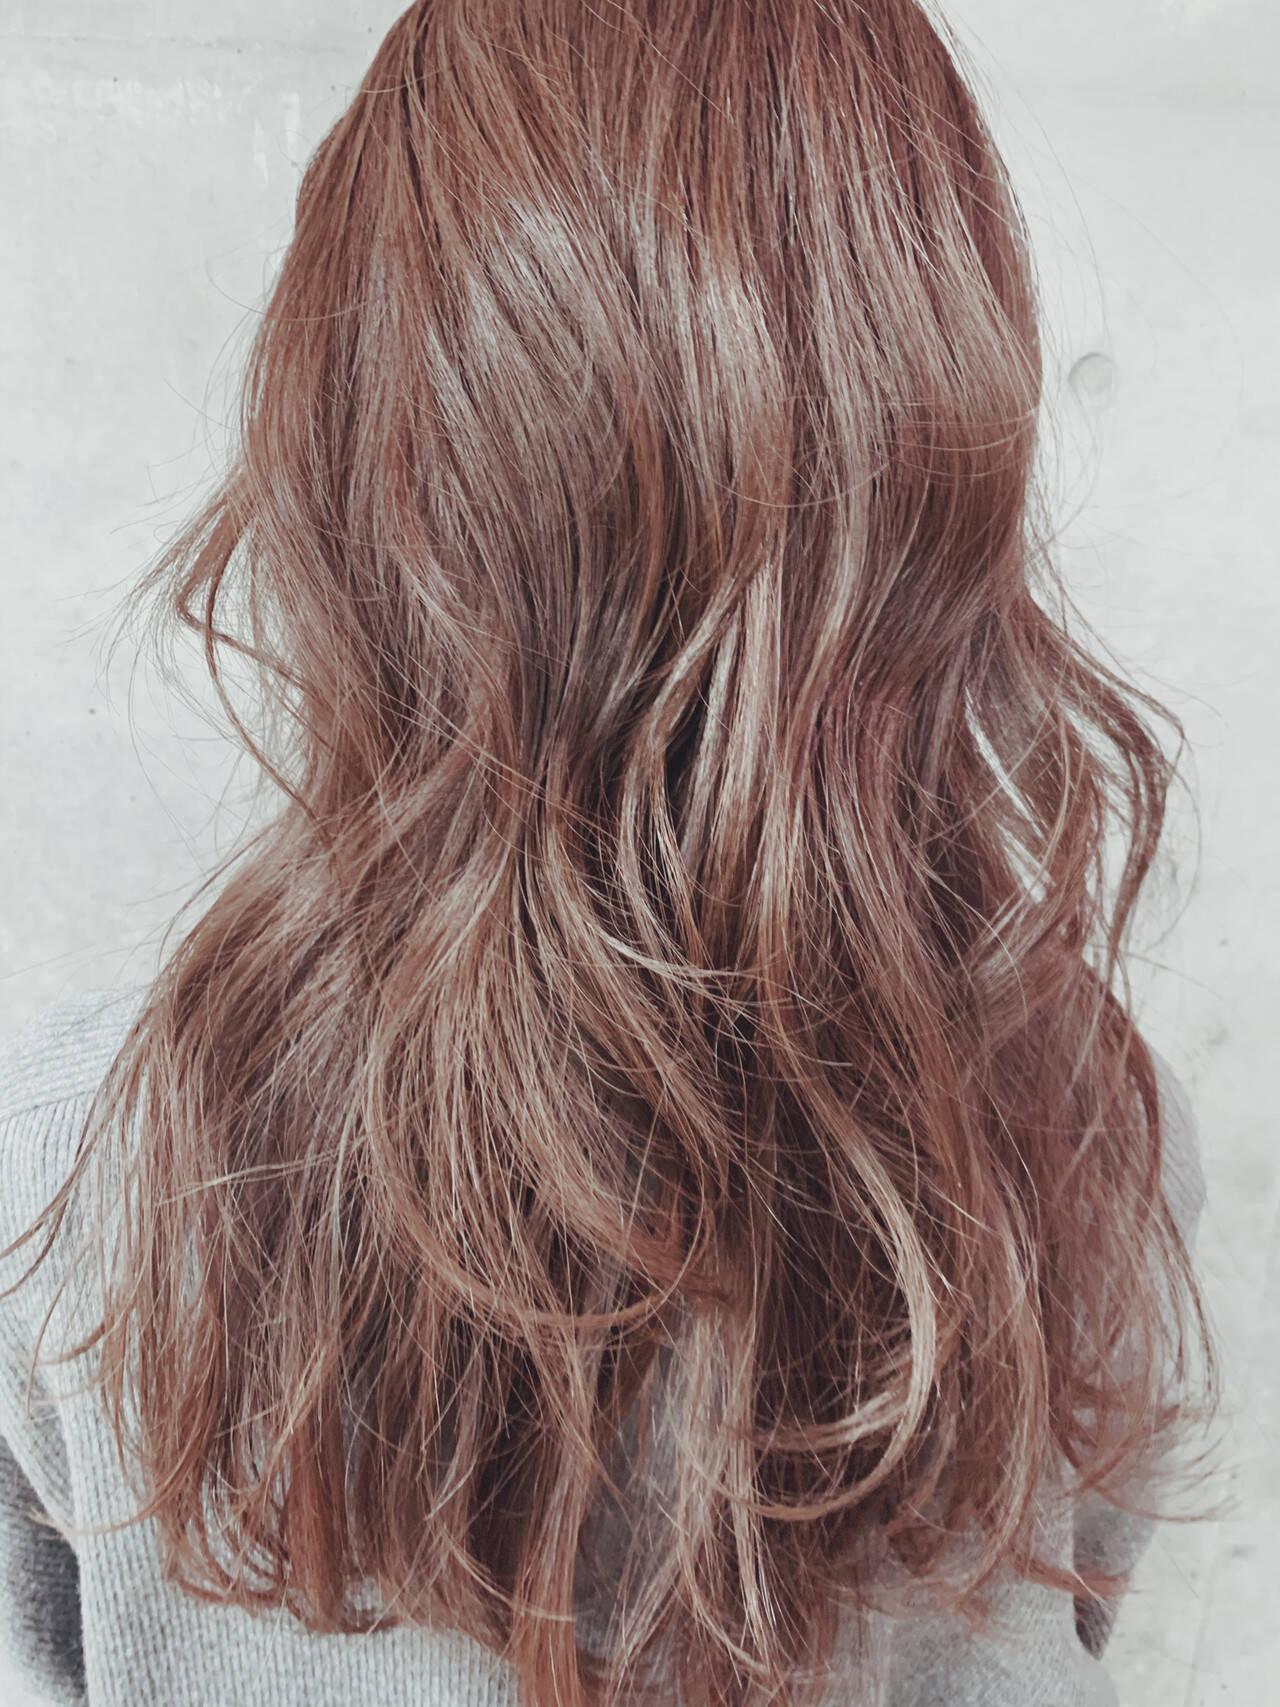 レイヤーカット 大人ハイライト 大人ヘアスタイル スライシングハイライトヘアスタイルや髪型の写真・画像